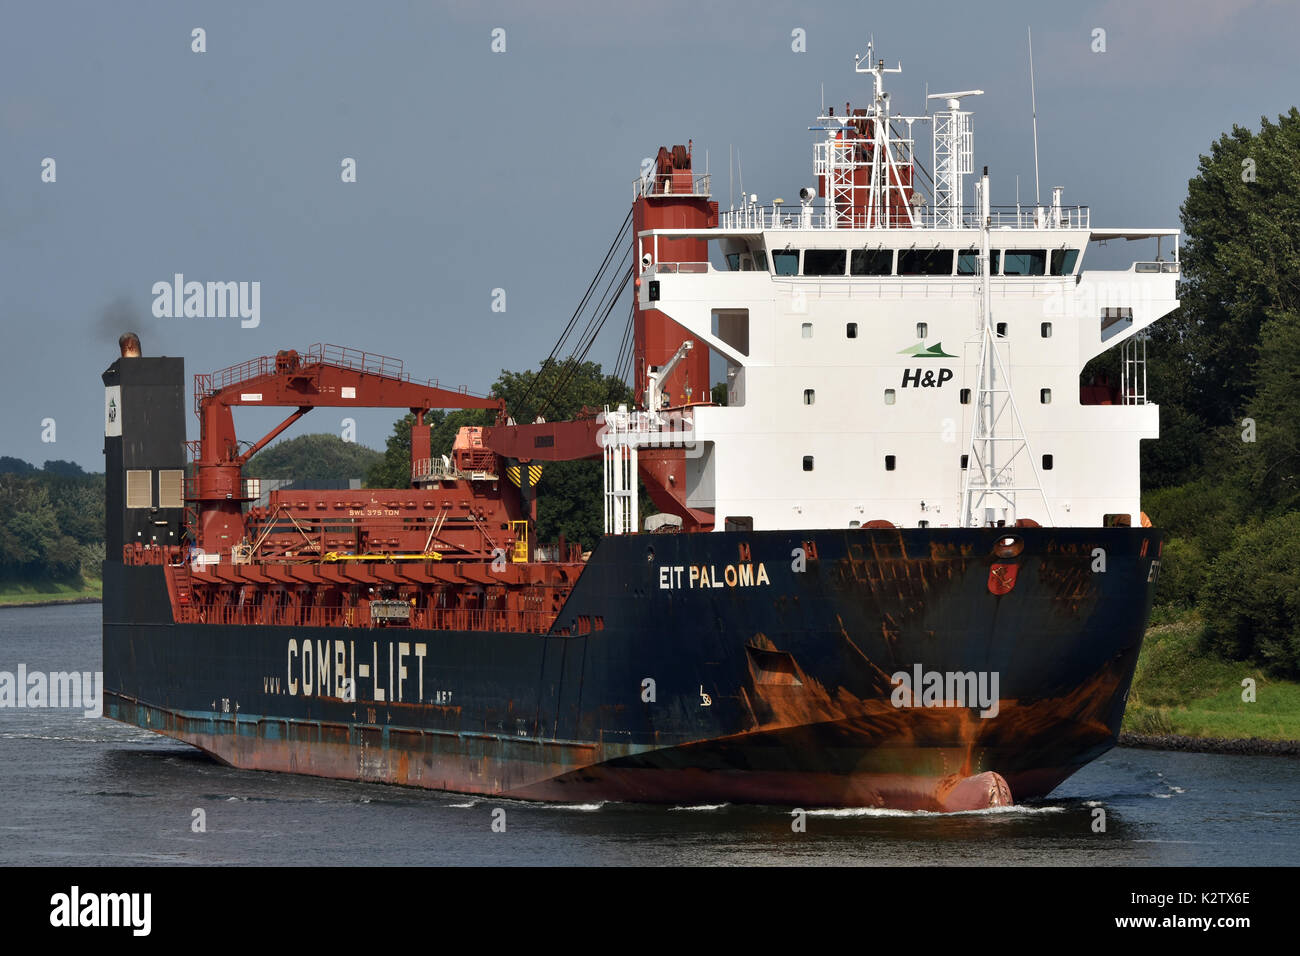 EIT Paloma - Stock Image